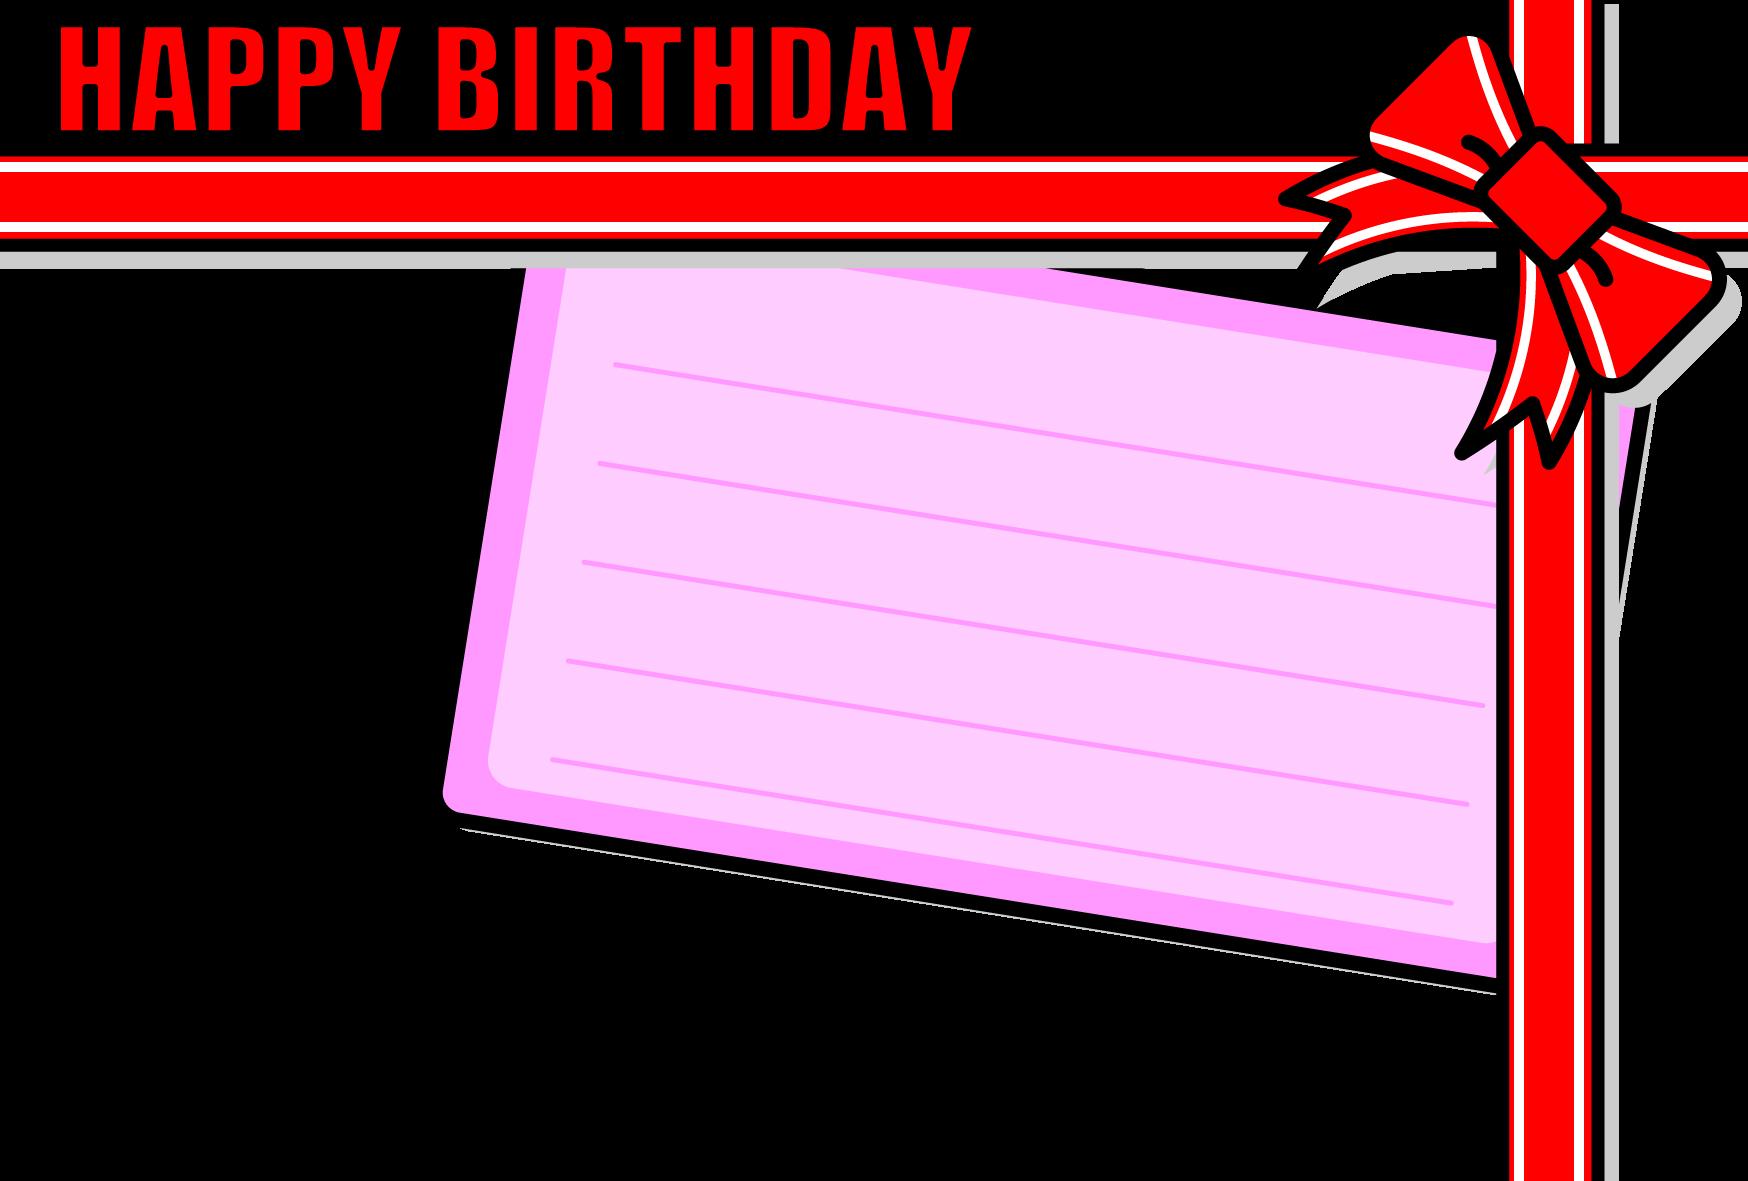 かわいい誕生日(バースデー)メッセージカード2の無料イラスト・商用フリー